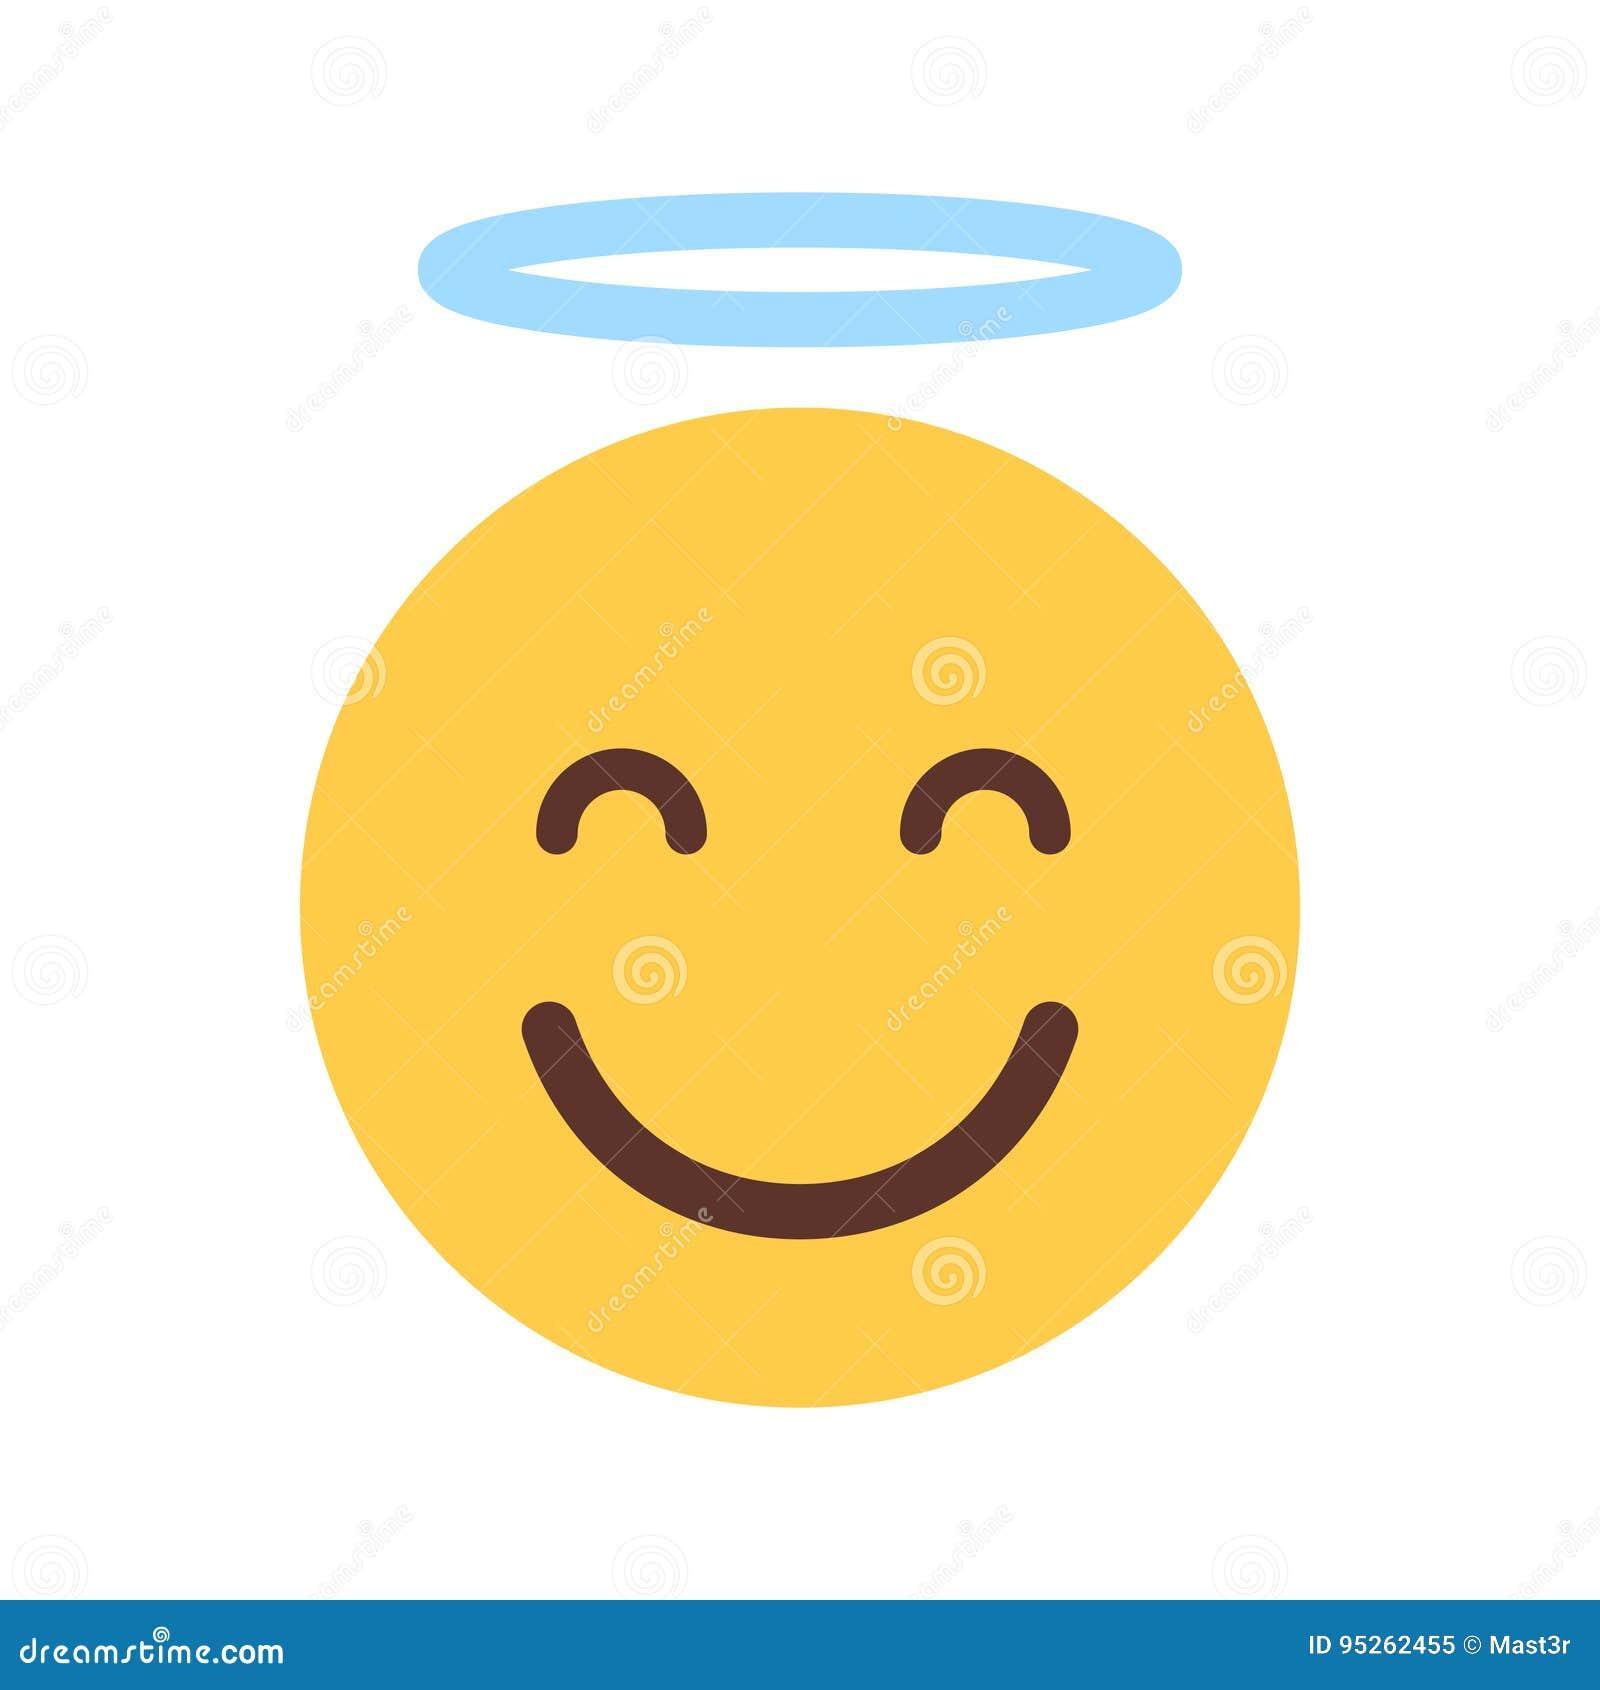 Cara sonriente amarilla Angel Emoji People Emotion Icon lindo de la historieta